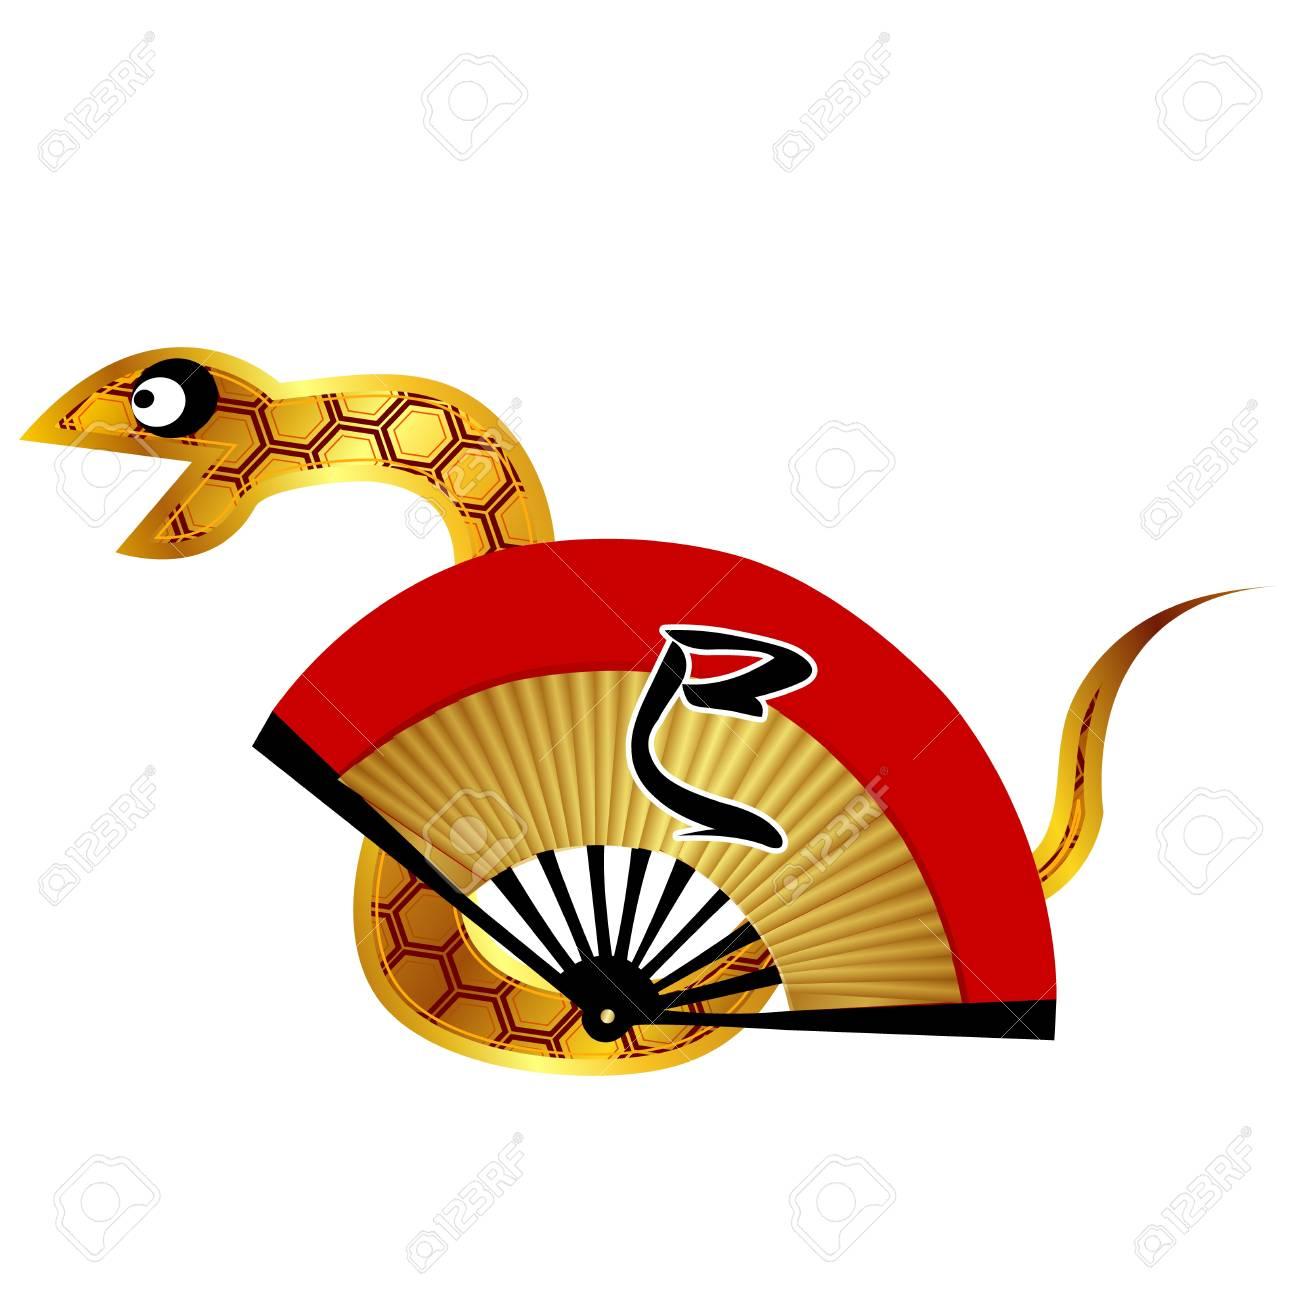 snake Stock Vector - 14358894